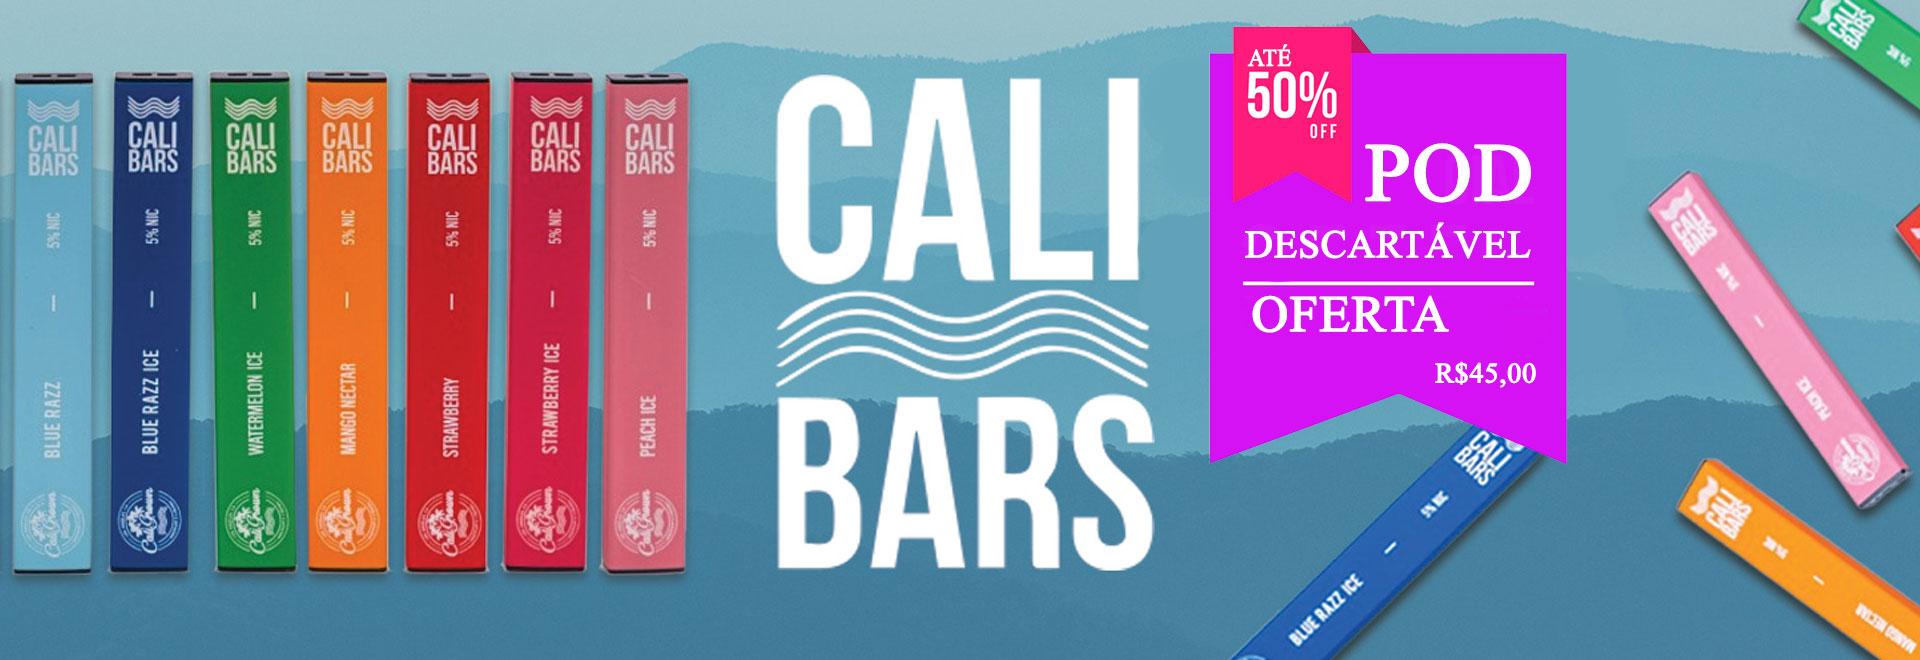 Cali Bars Pod - Pod Descartável